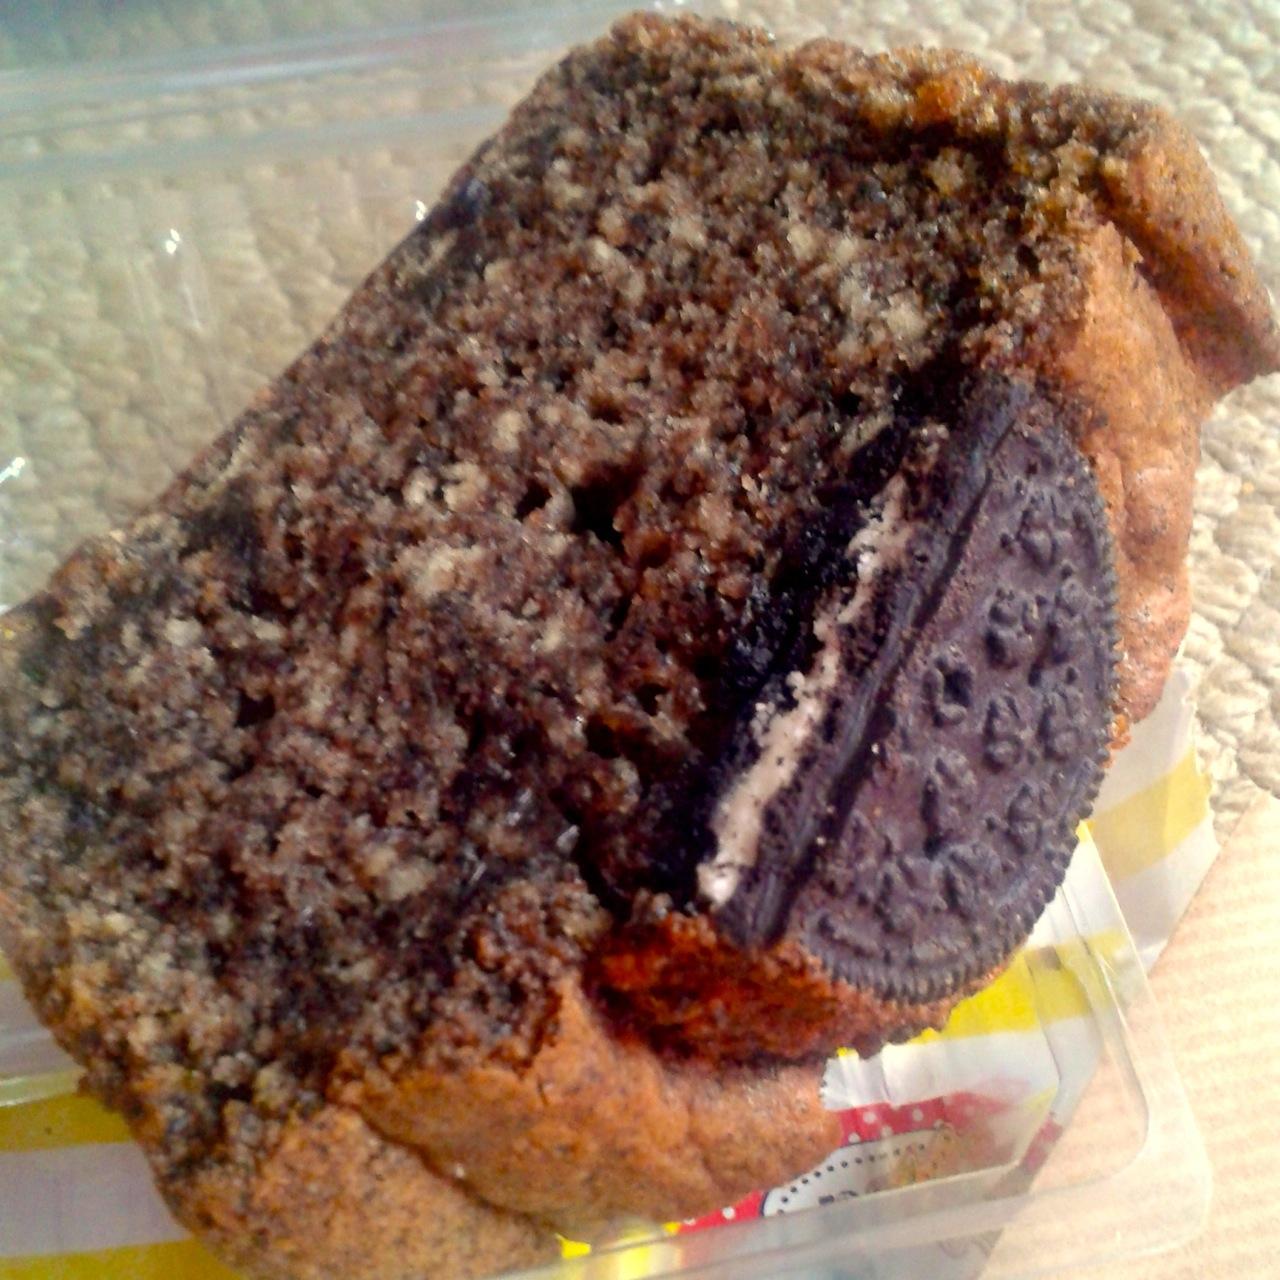 http://i1.wp.com/fatgayvegan.com/wp-content/uploads/2014/12/bread.jpg?fit=1280%2C1280